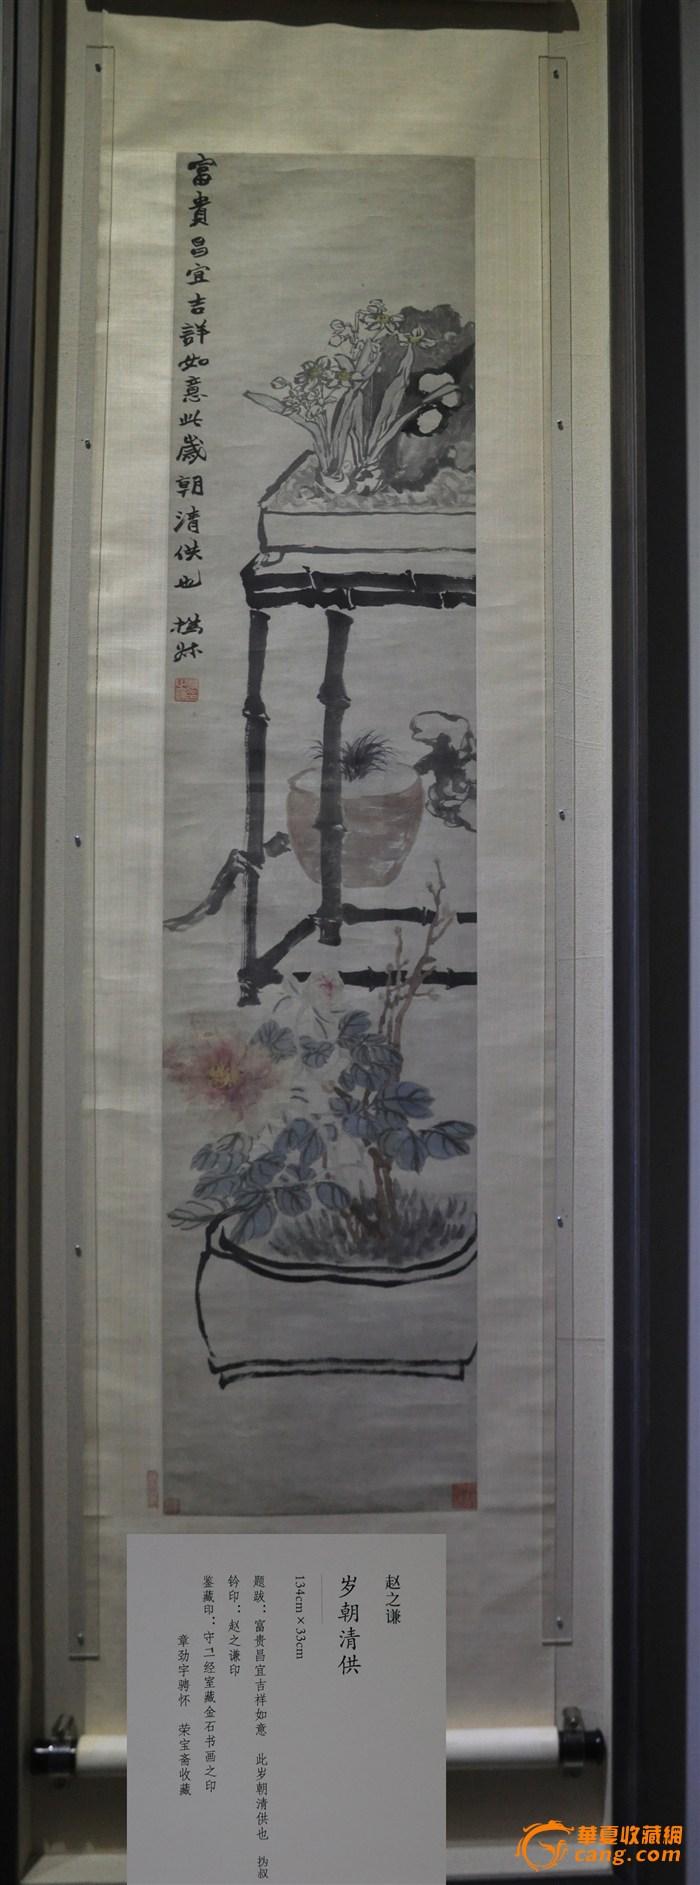 荣宝斋馆藏书画作品欣赏图片